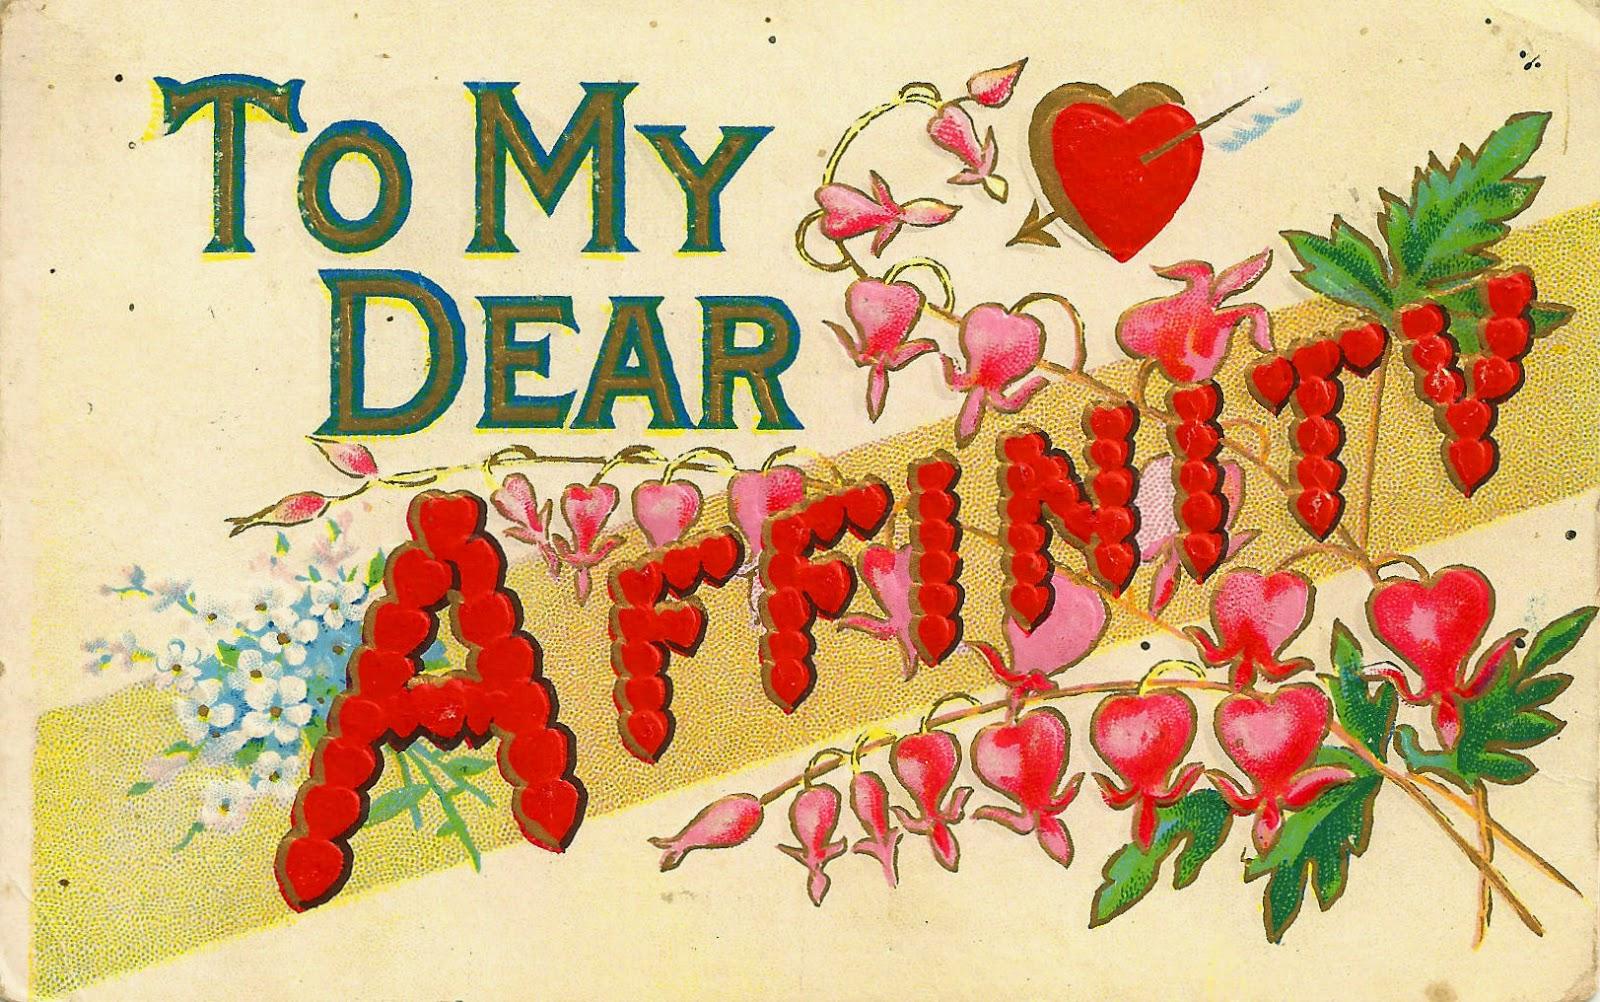 http://2.bp.blogspot.com/-NX7Cms81v0Y/VKw80EFMMuI/AAAAAAAAUz8/GW15nZ8ZsKc/s1600/scrap_valentine_bleed_heart_gm_2.jpg